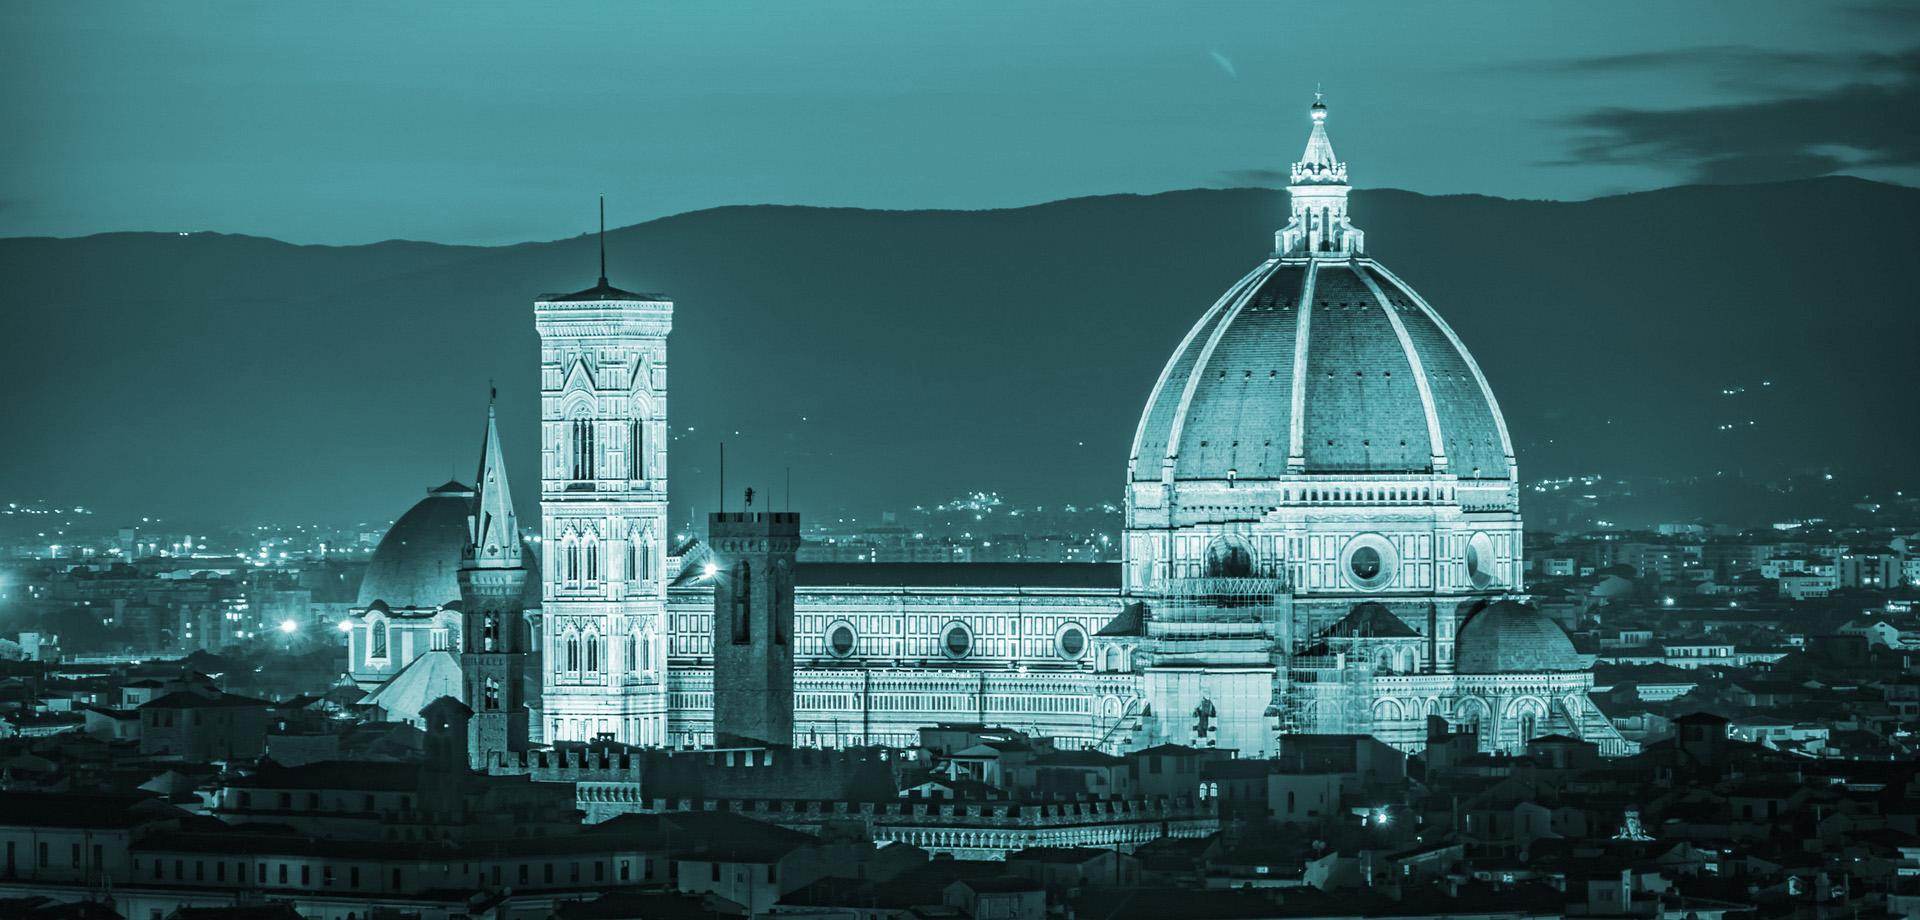 servizi-web-prezzi-siti-web-siti-web-a-prezzi-ottimi-ottima-qualità-prezzo-siti-web-ben-fatti-prezzi-accessibili-miglior web designer a Prato. Miglior web designer Firenze